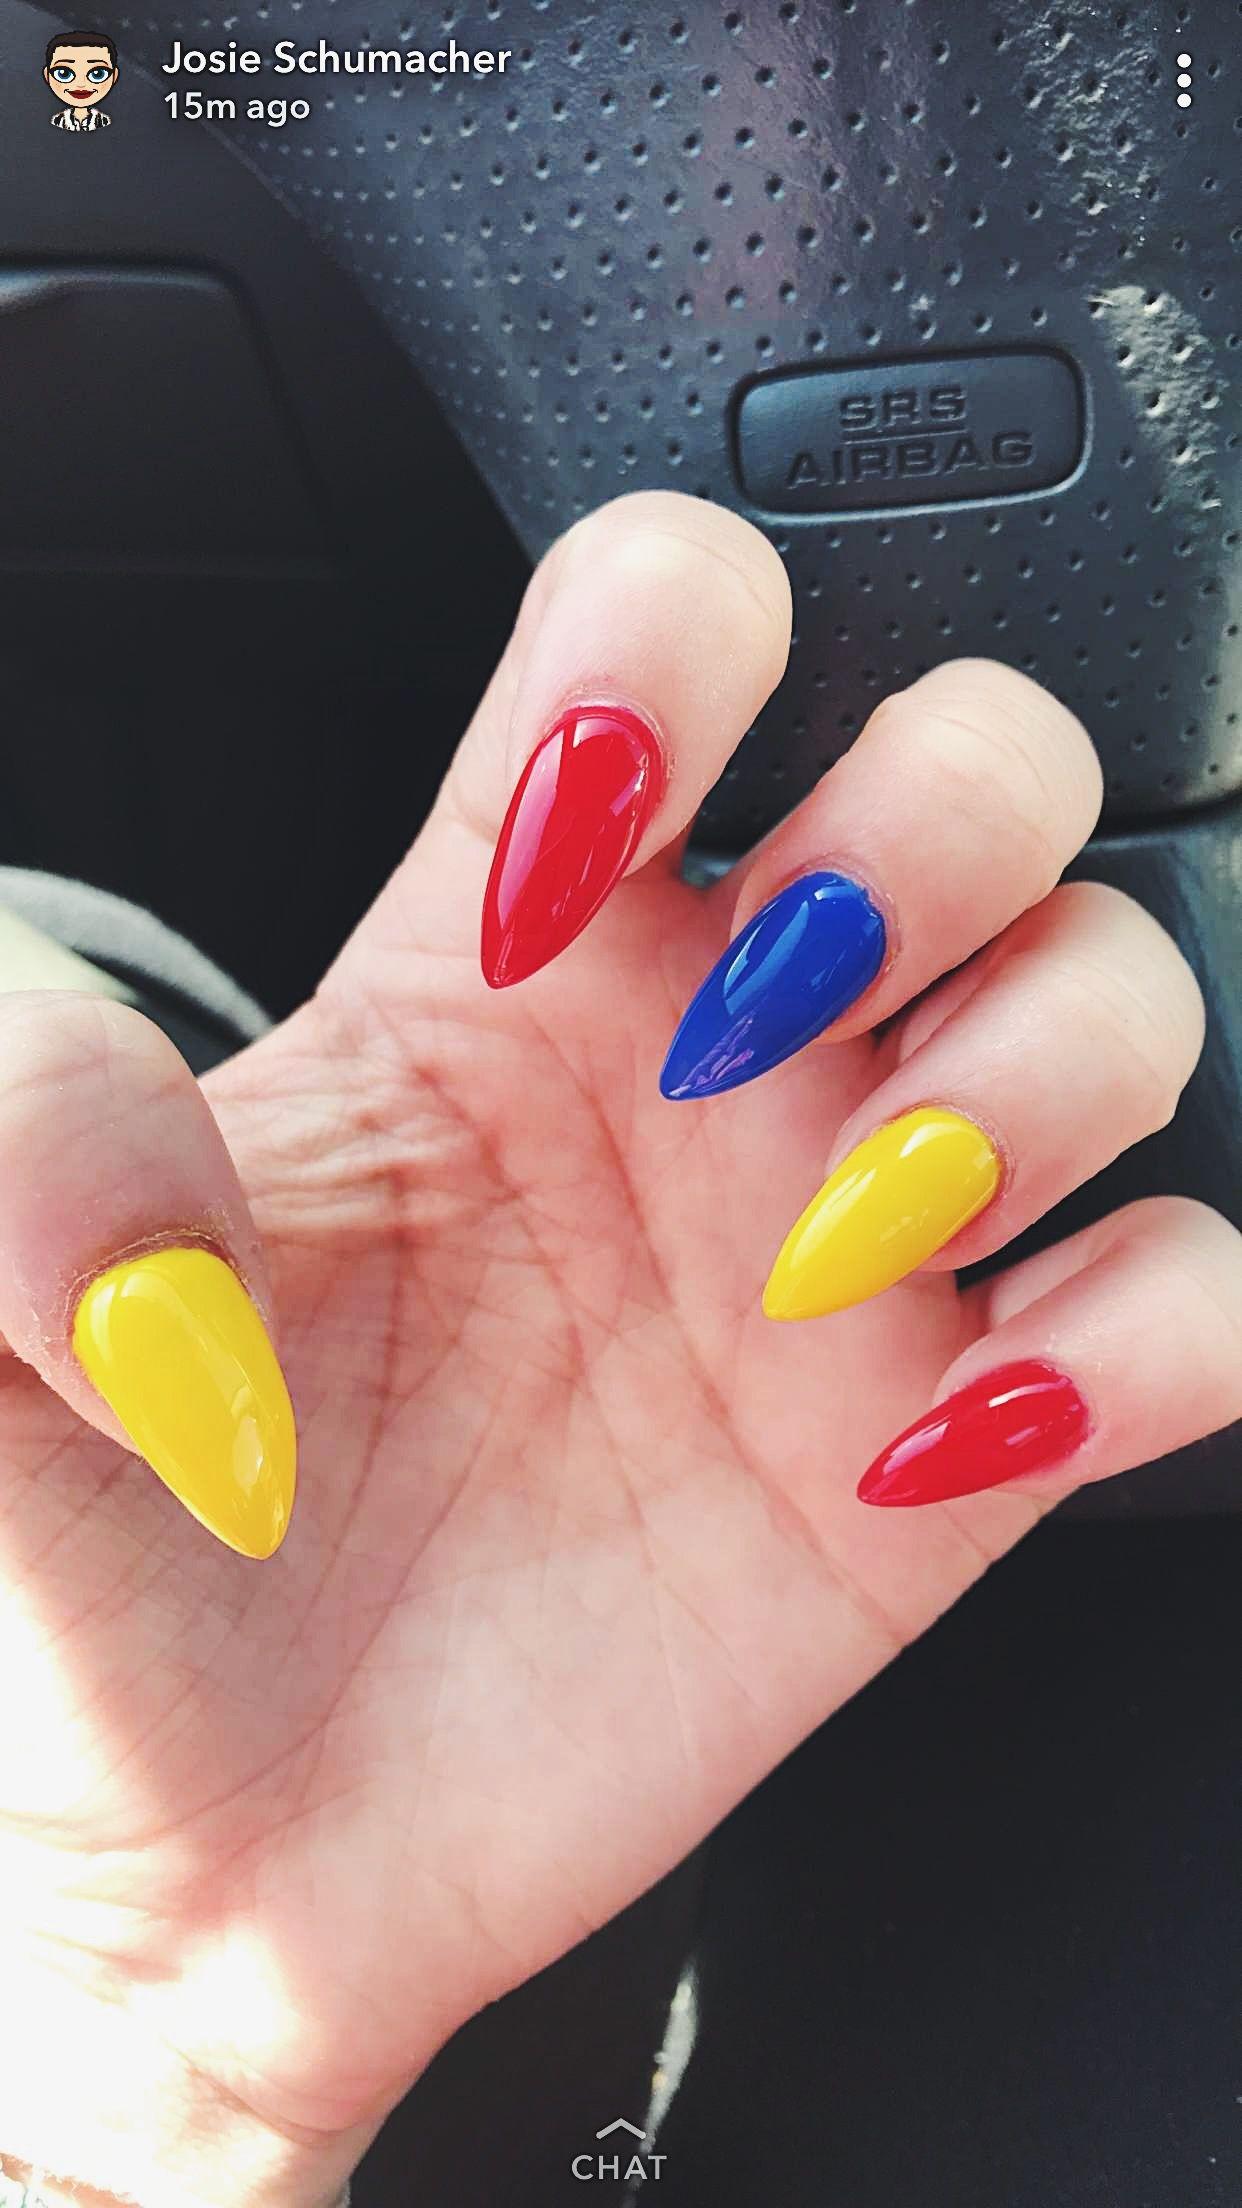 Primary Nails Nails Sencillas Rainbow Nails Colored Acrylic Nails